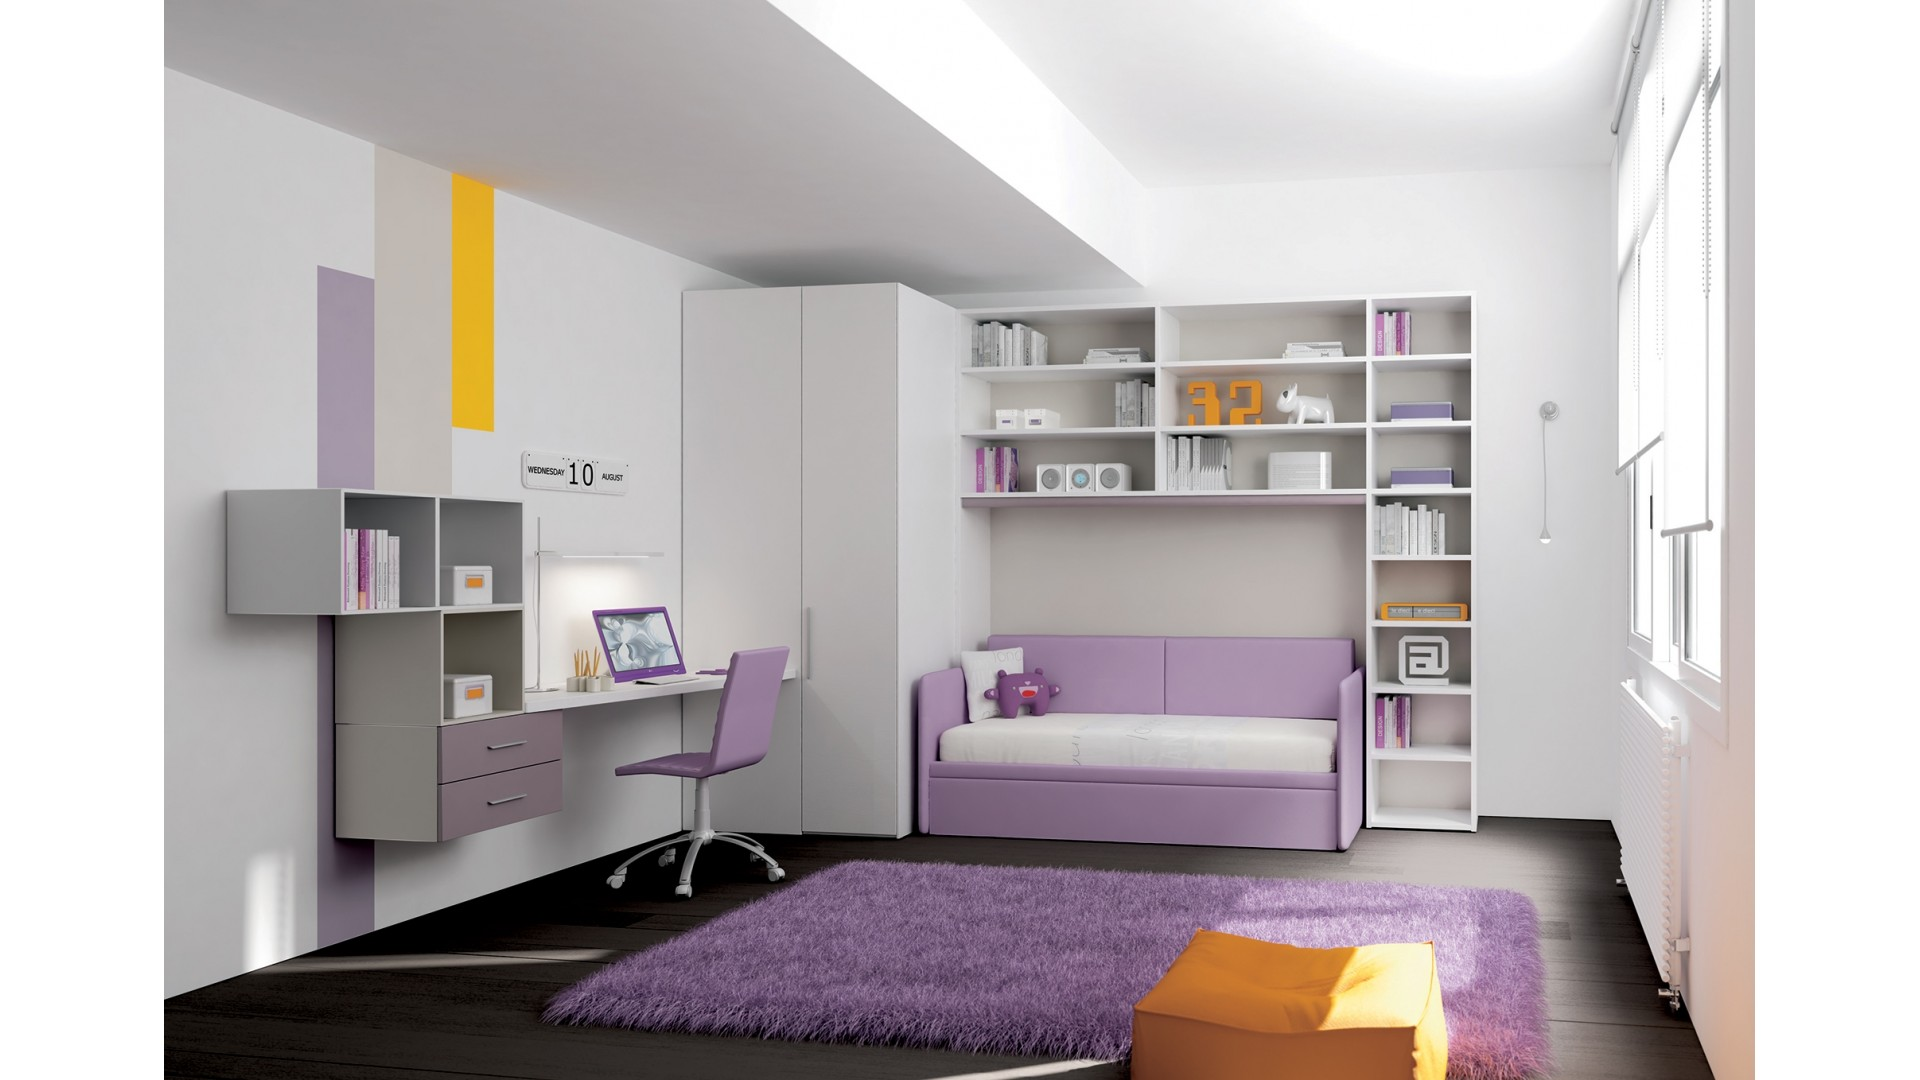 Chambre enfant PERSONNALISABLE KP21 lit canapé et lit gigogne - MORETTI COMPACT